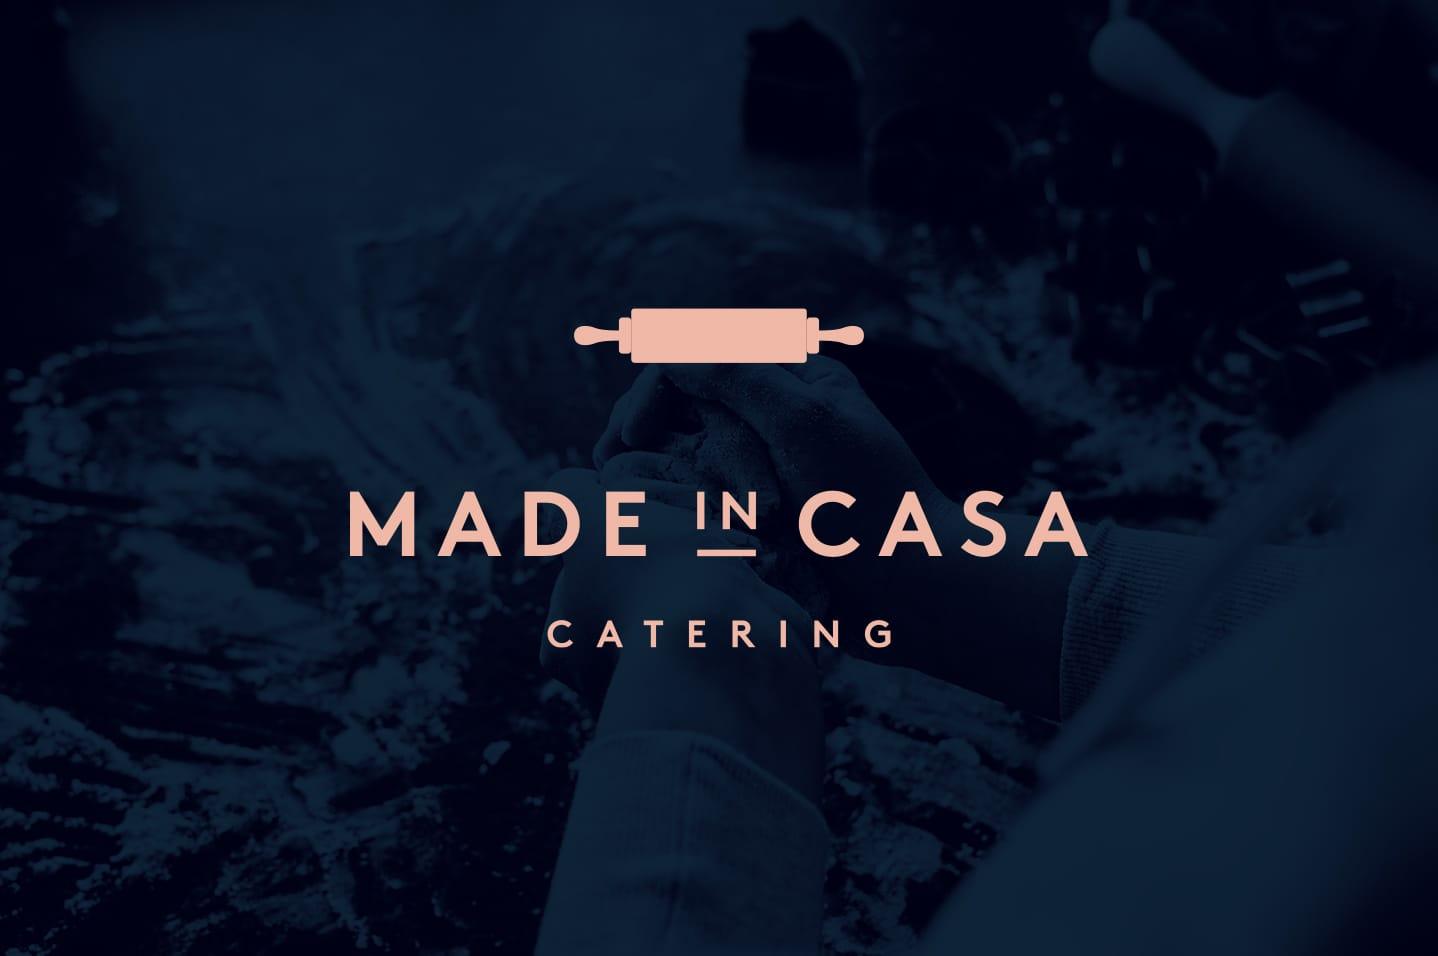 Made in Casa